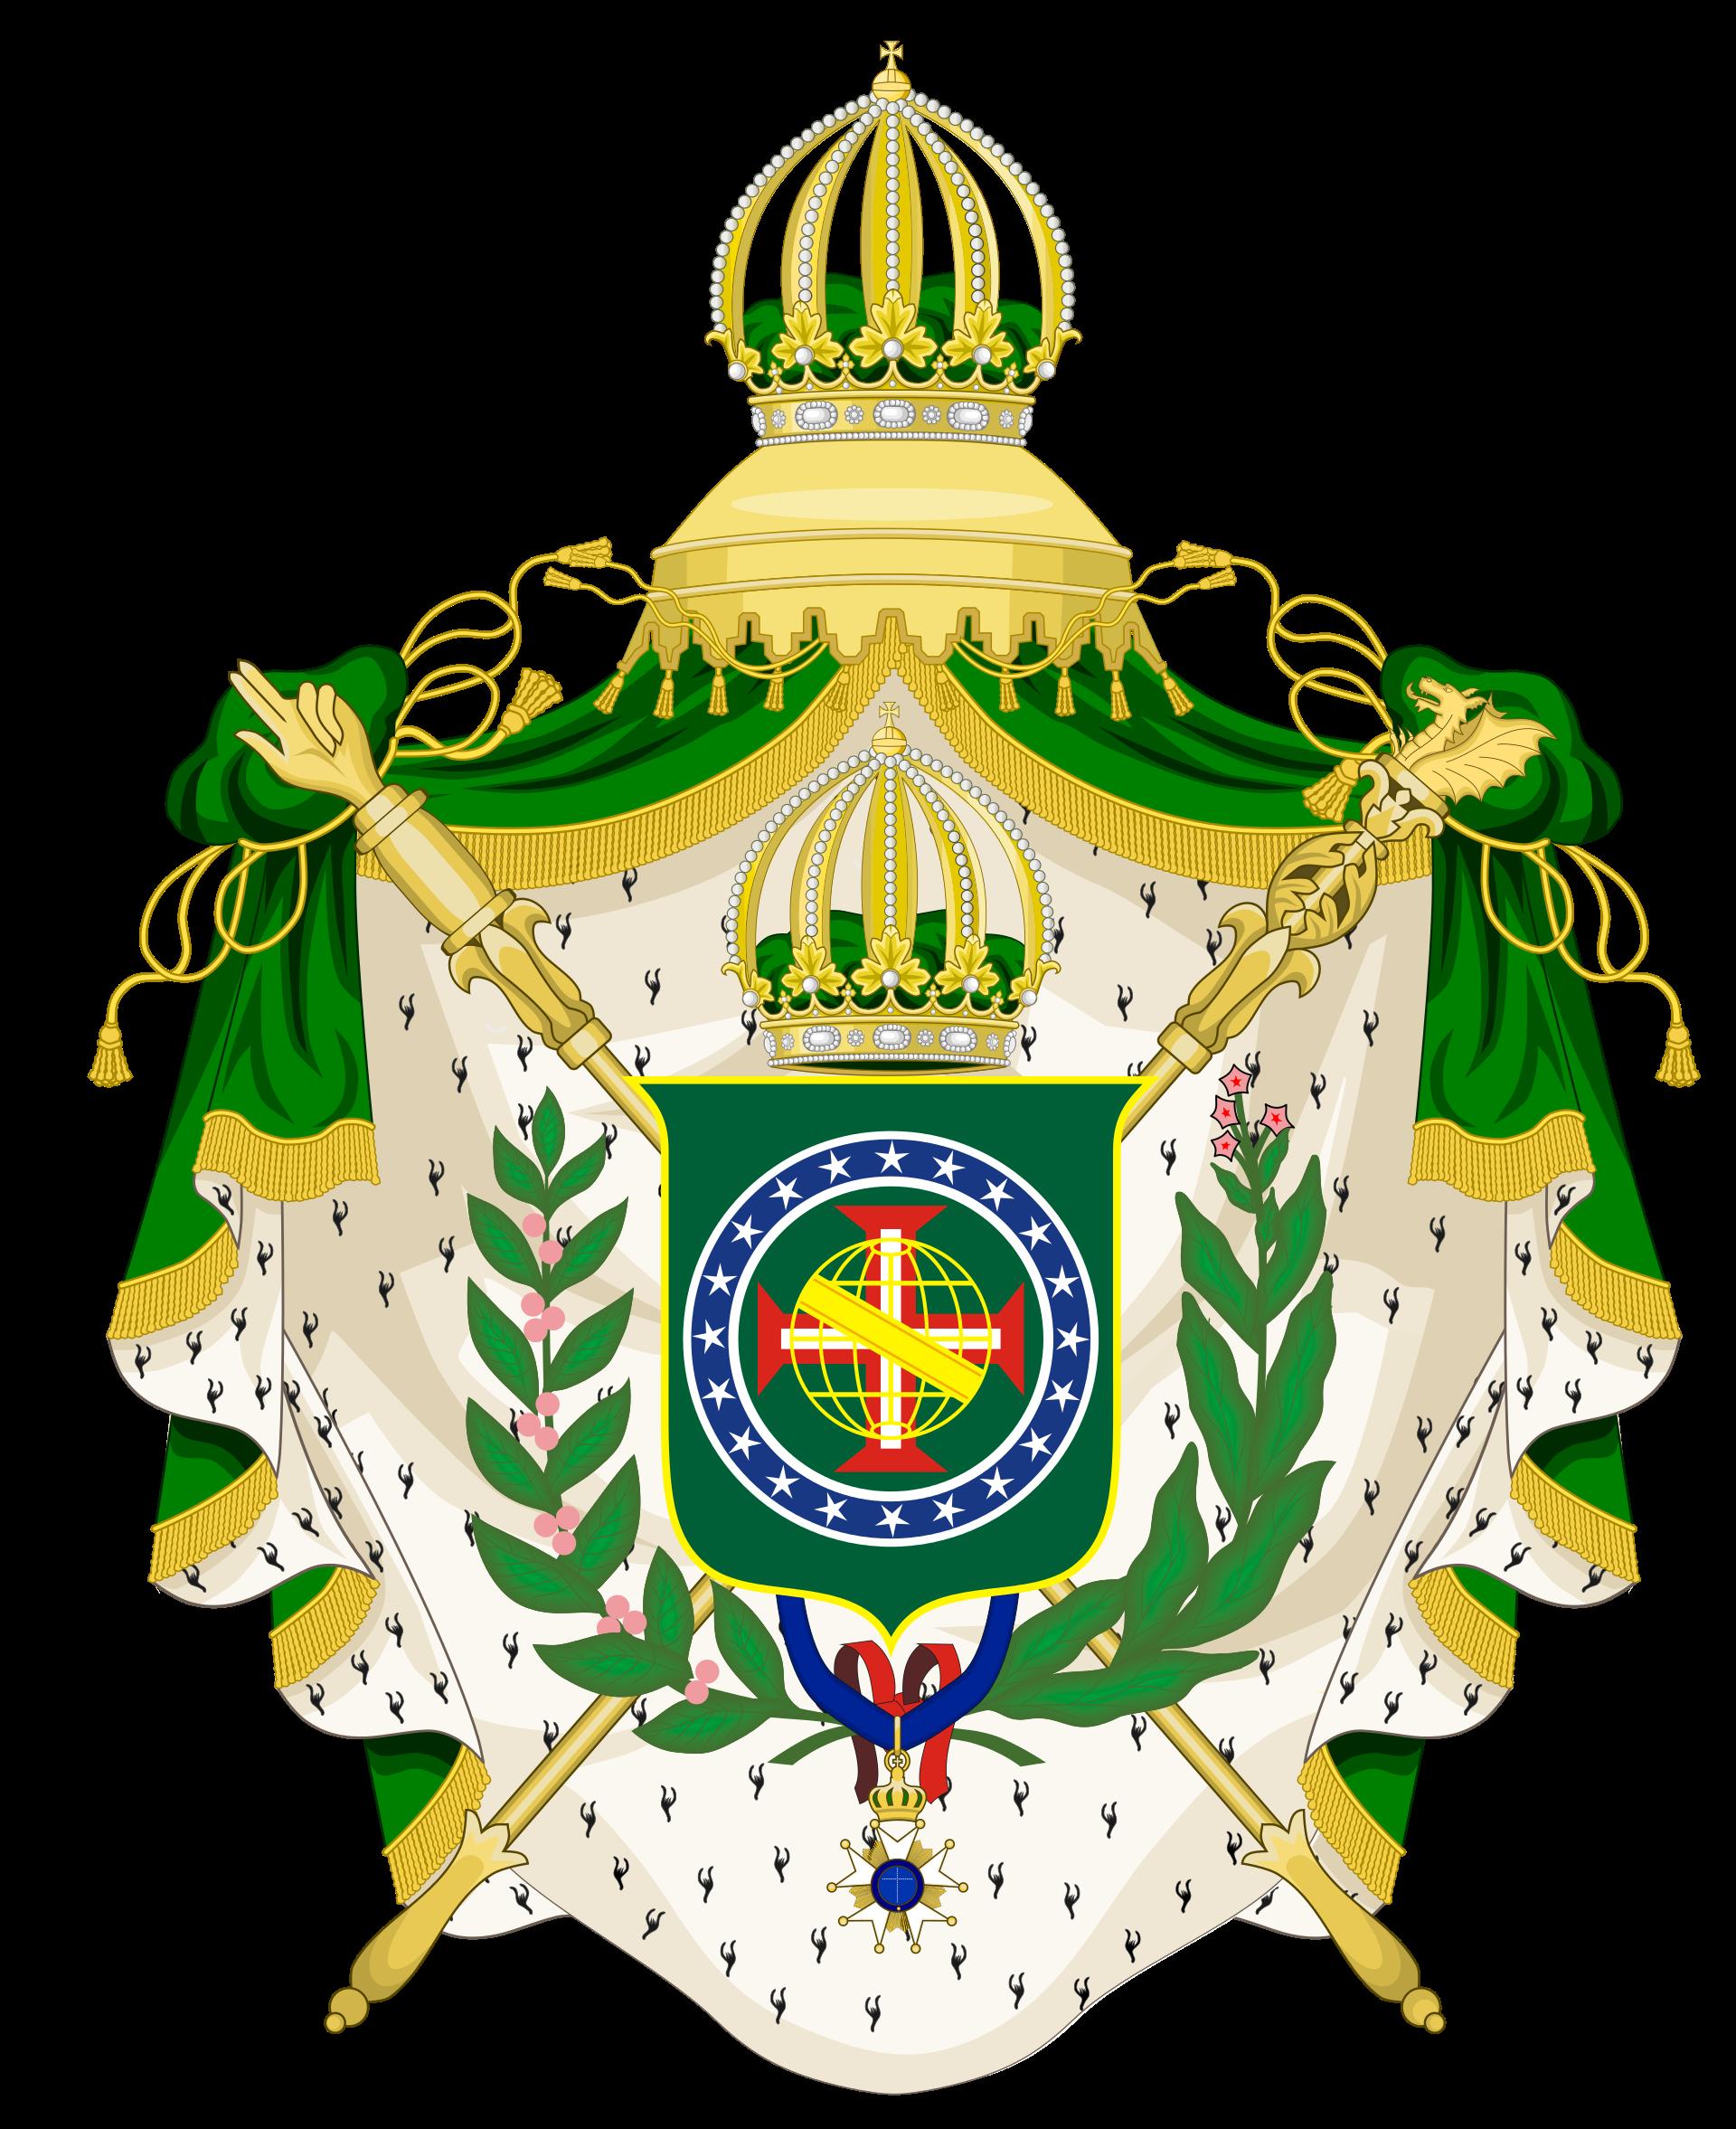 A Primeira Bandeira Do Brasil Republica família imperial brasileira – wikipédia, a enciclopédia